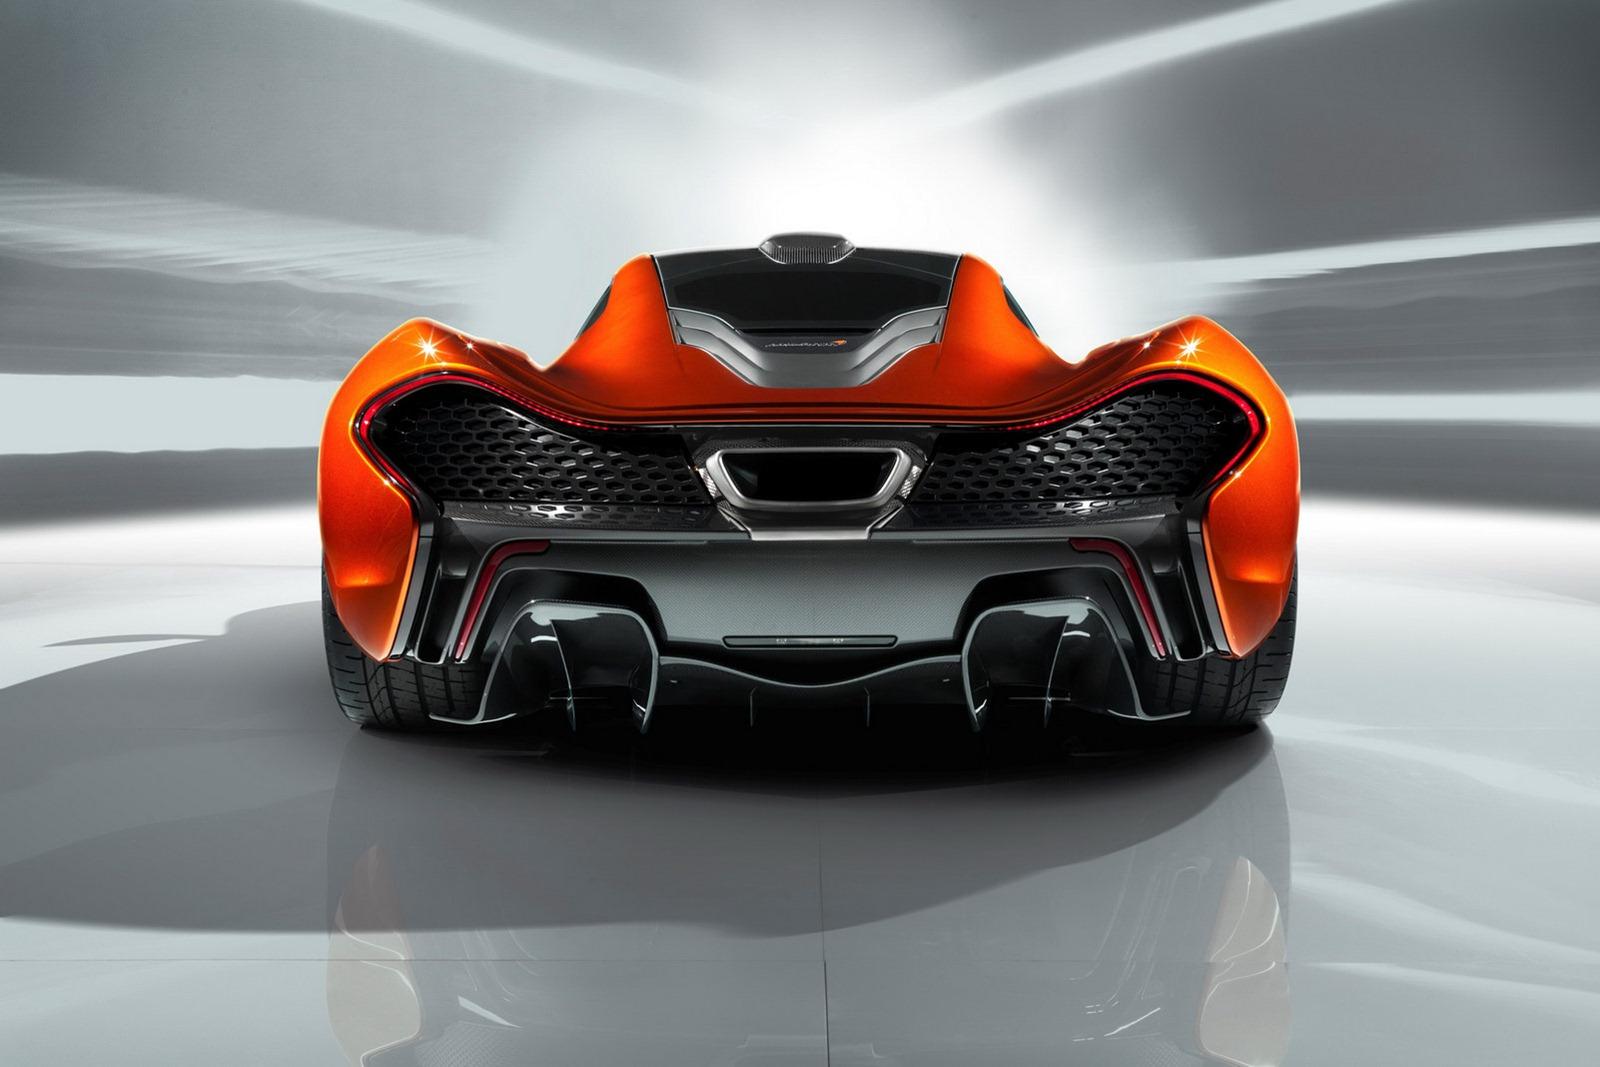 New Mclaren Supercar Concept Previews Successor Autotribute